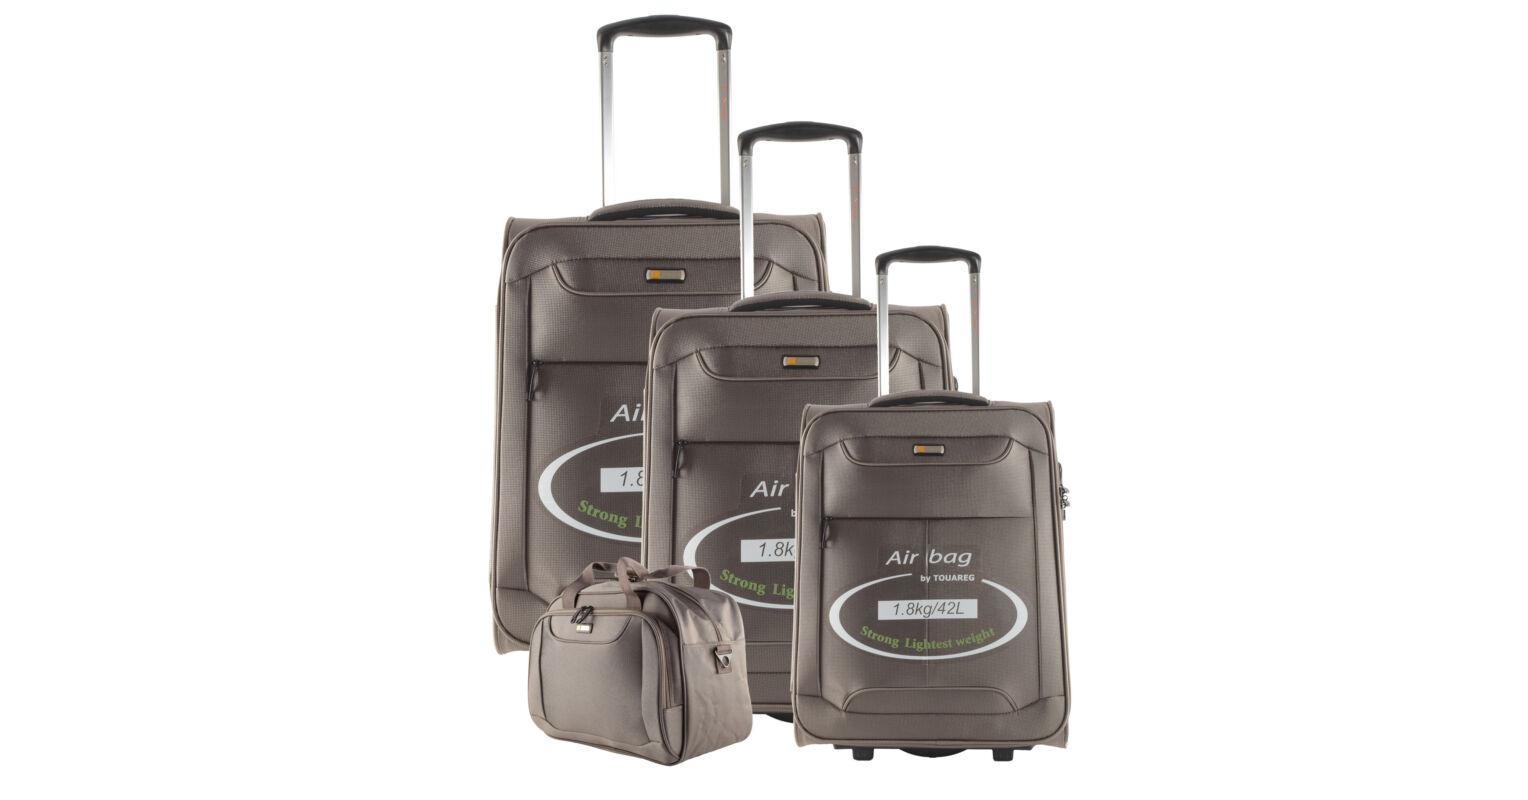 30c87ab60ffc Touareg bronz színű extra könnyű bőrönd szett - Touareg - Táska webáruház - Minőségi  táskák mindenkinek